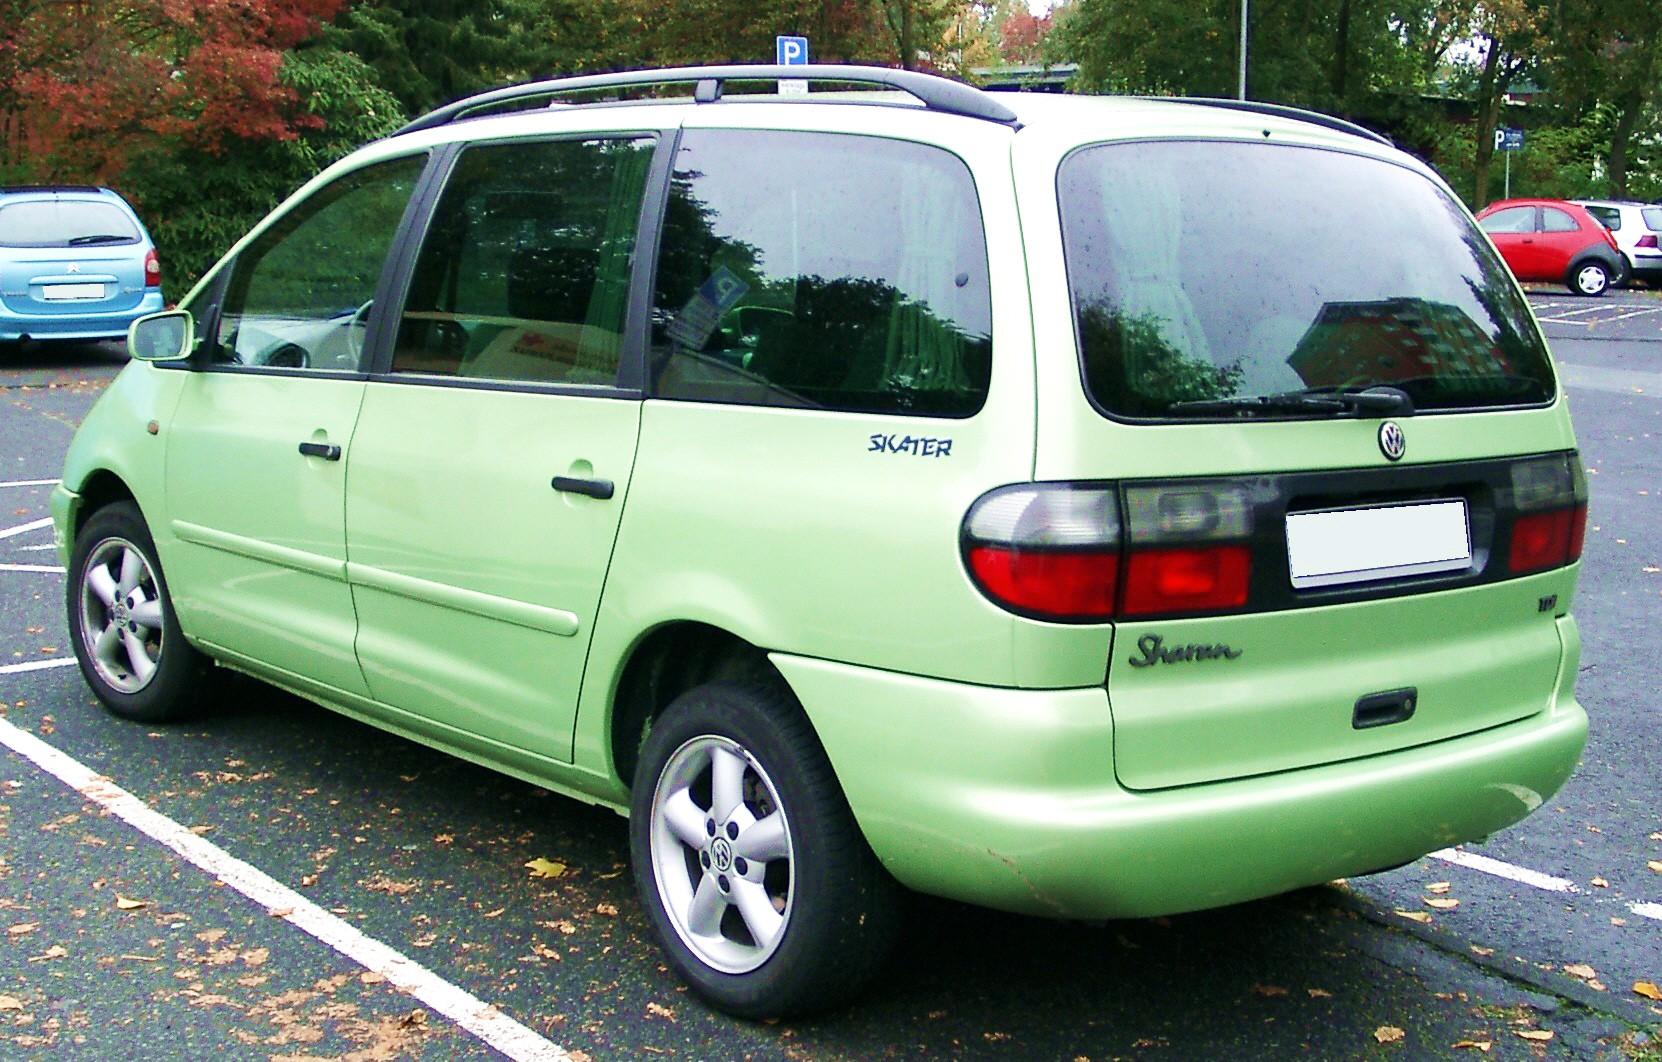 VW Sharan I – Wikipedia